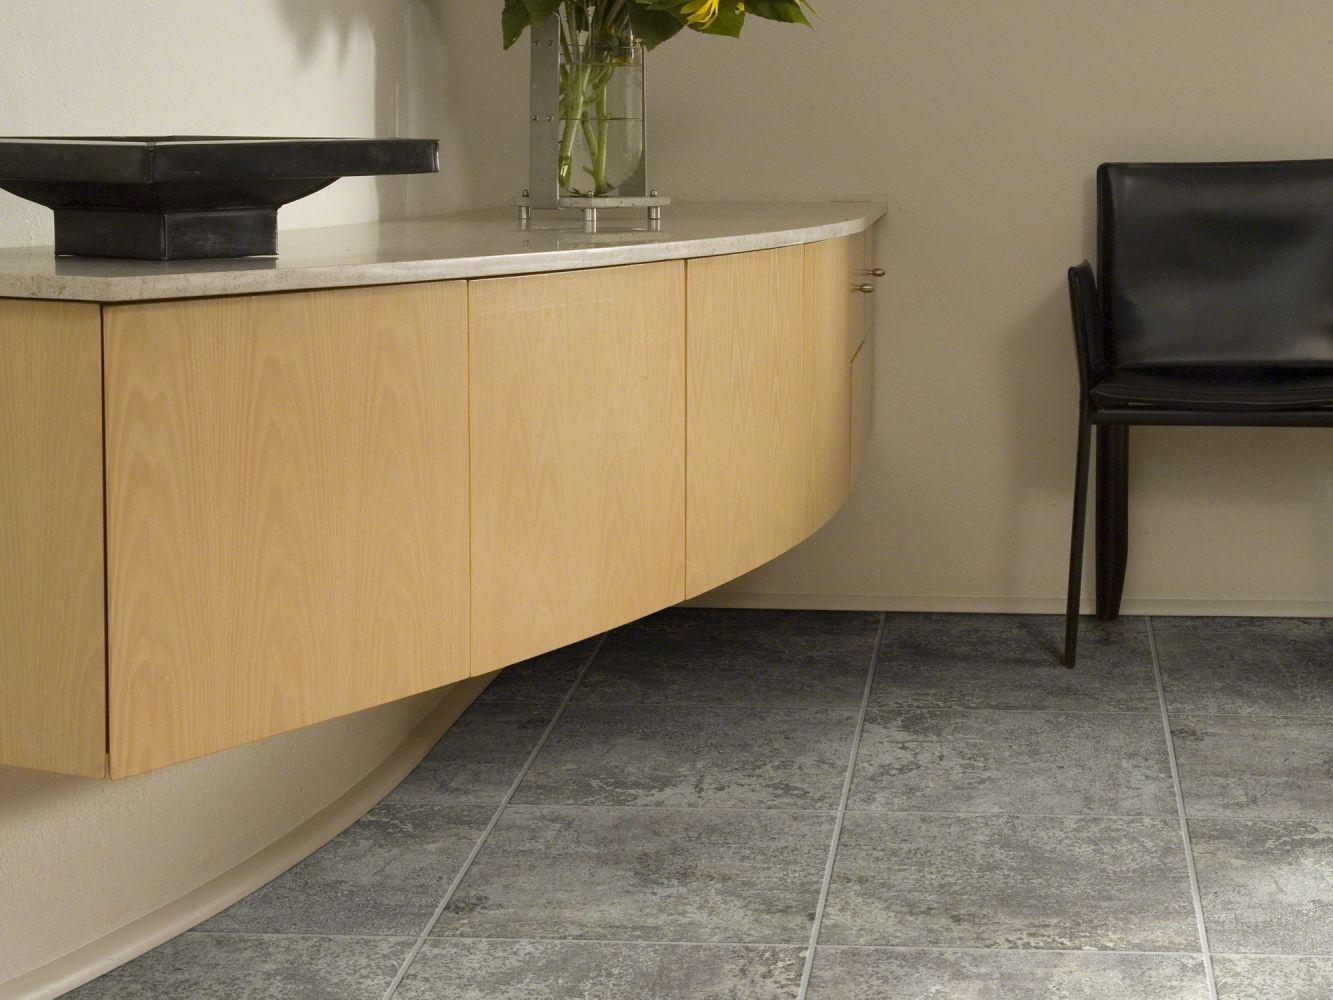 Shaw Floors Resilient Residential Resort Tile Ocean Breeze 00749_0189V